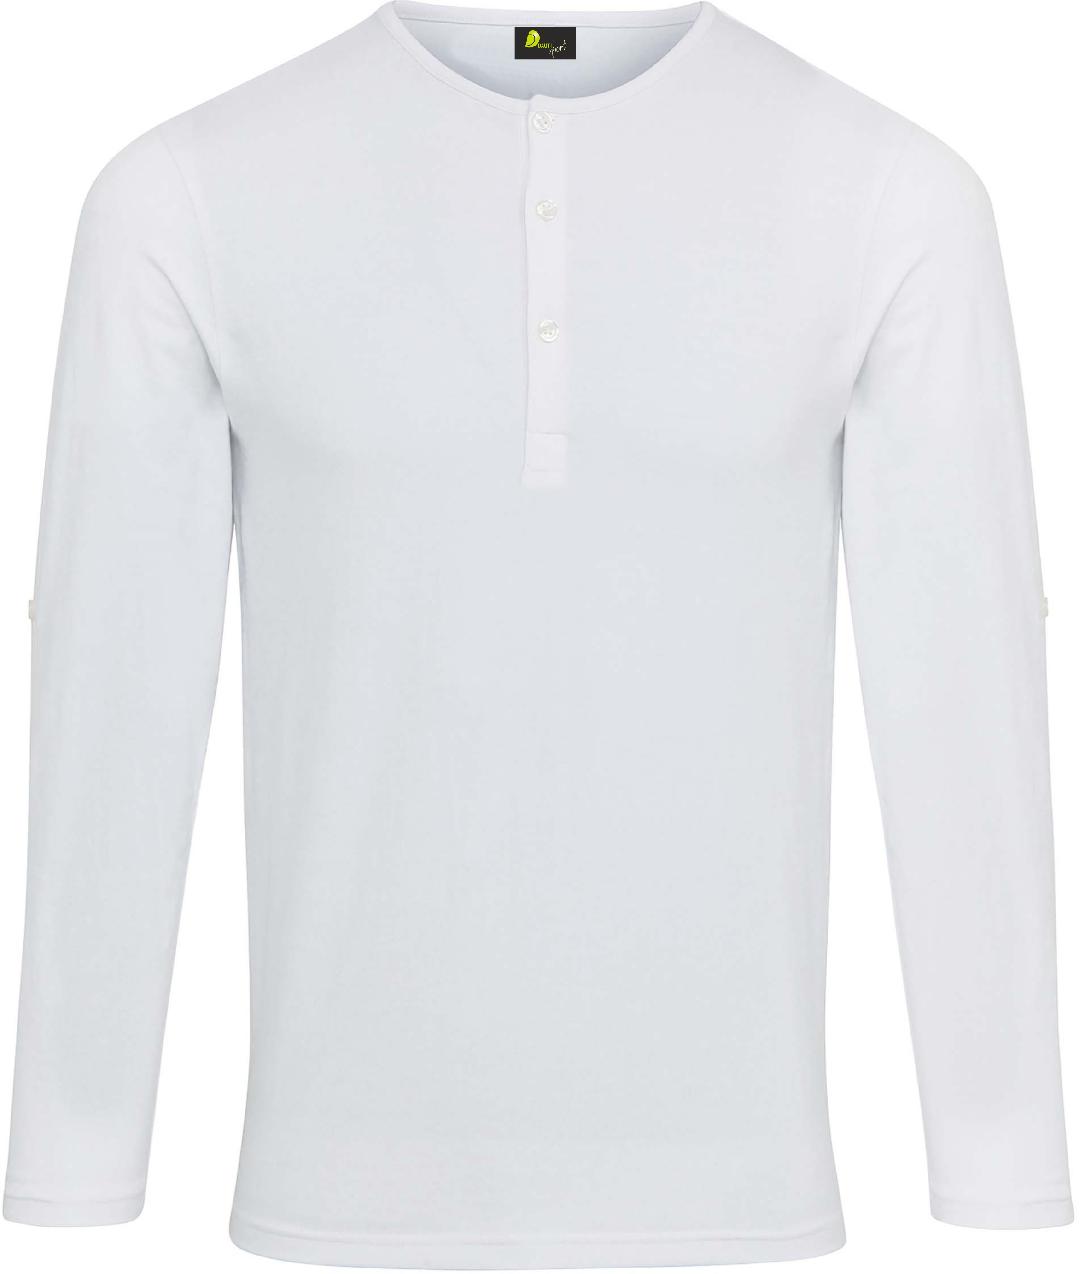 T-shirt de homem com mangas dobráveis